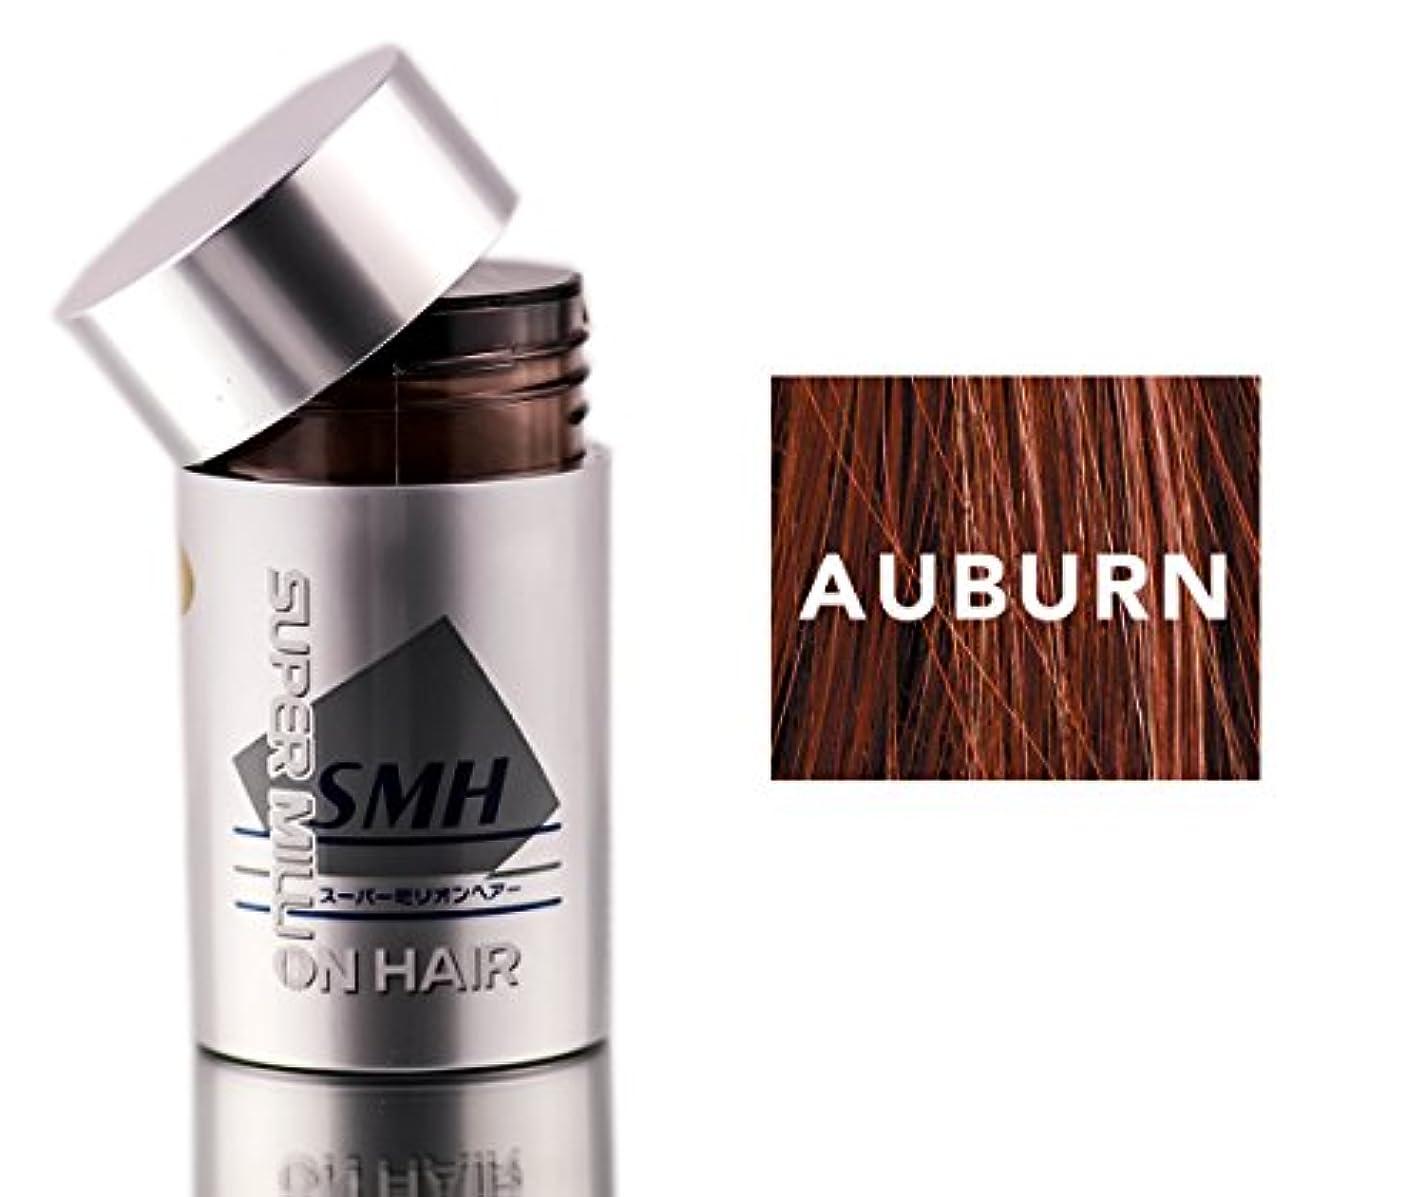 ノートリクルート勇者Super Million Hair 強化繊維が20gr。 - オーバーン